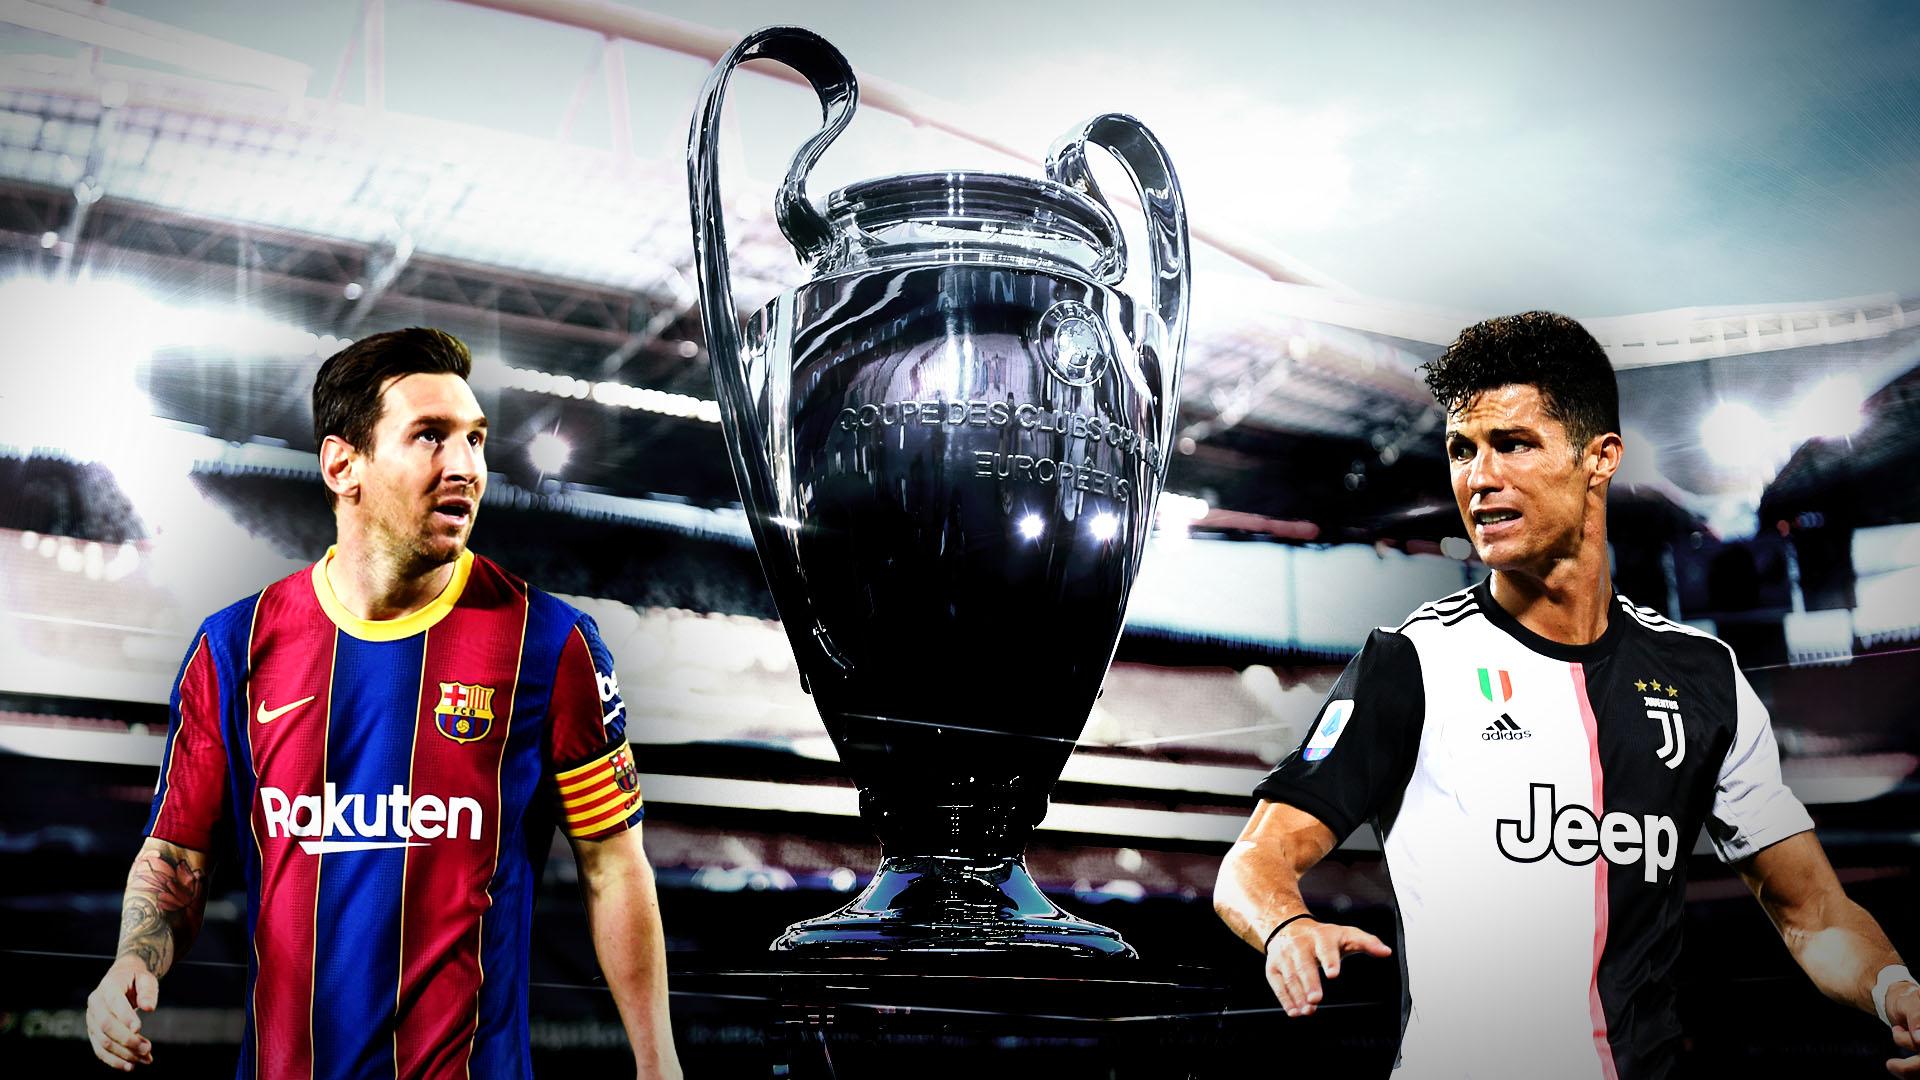 Asi Quedaron Los Grupos De La Champions League El Barcelona De Messi Se Medira Con La Juventus De Cristiano Ronaldo Infobae